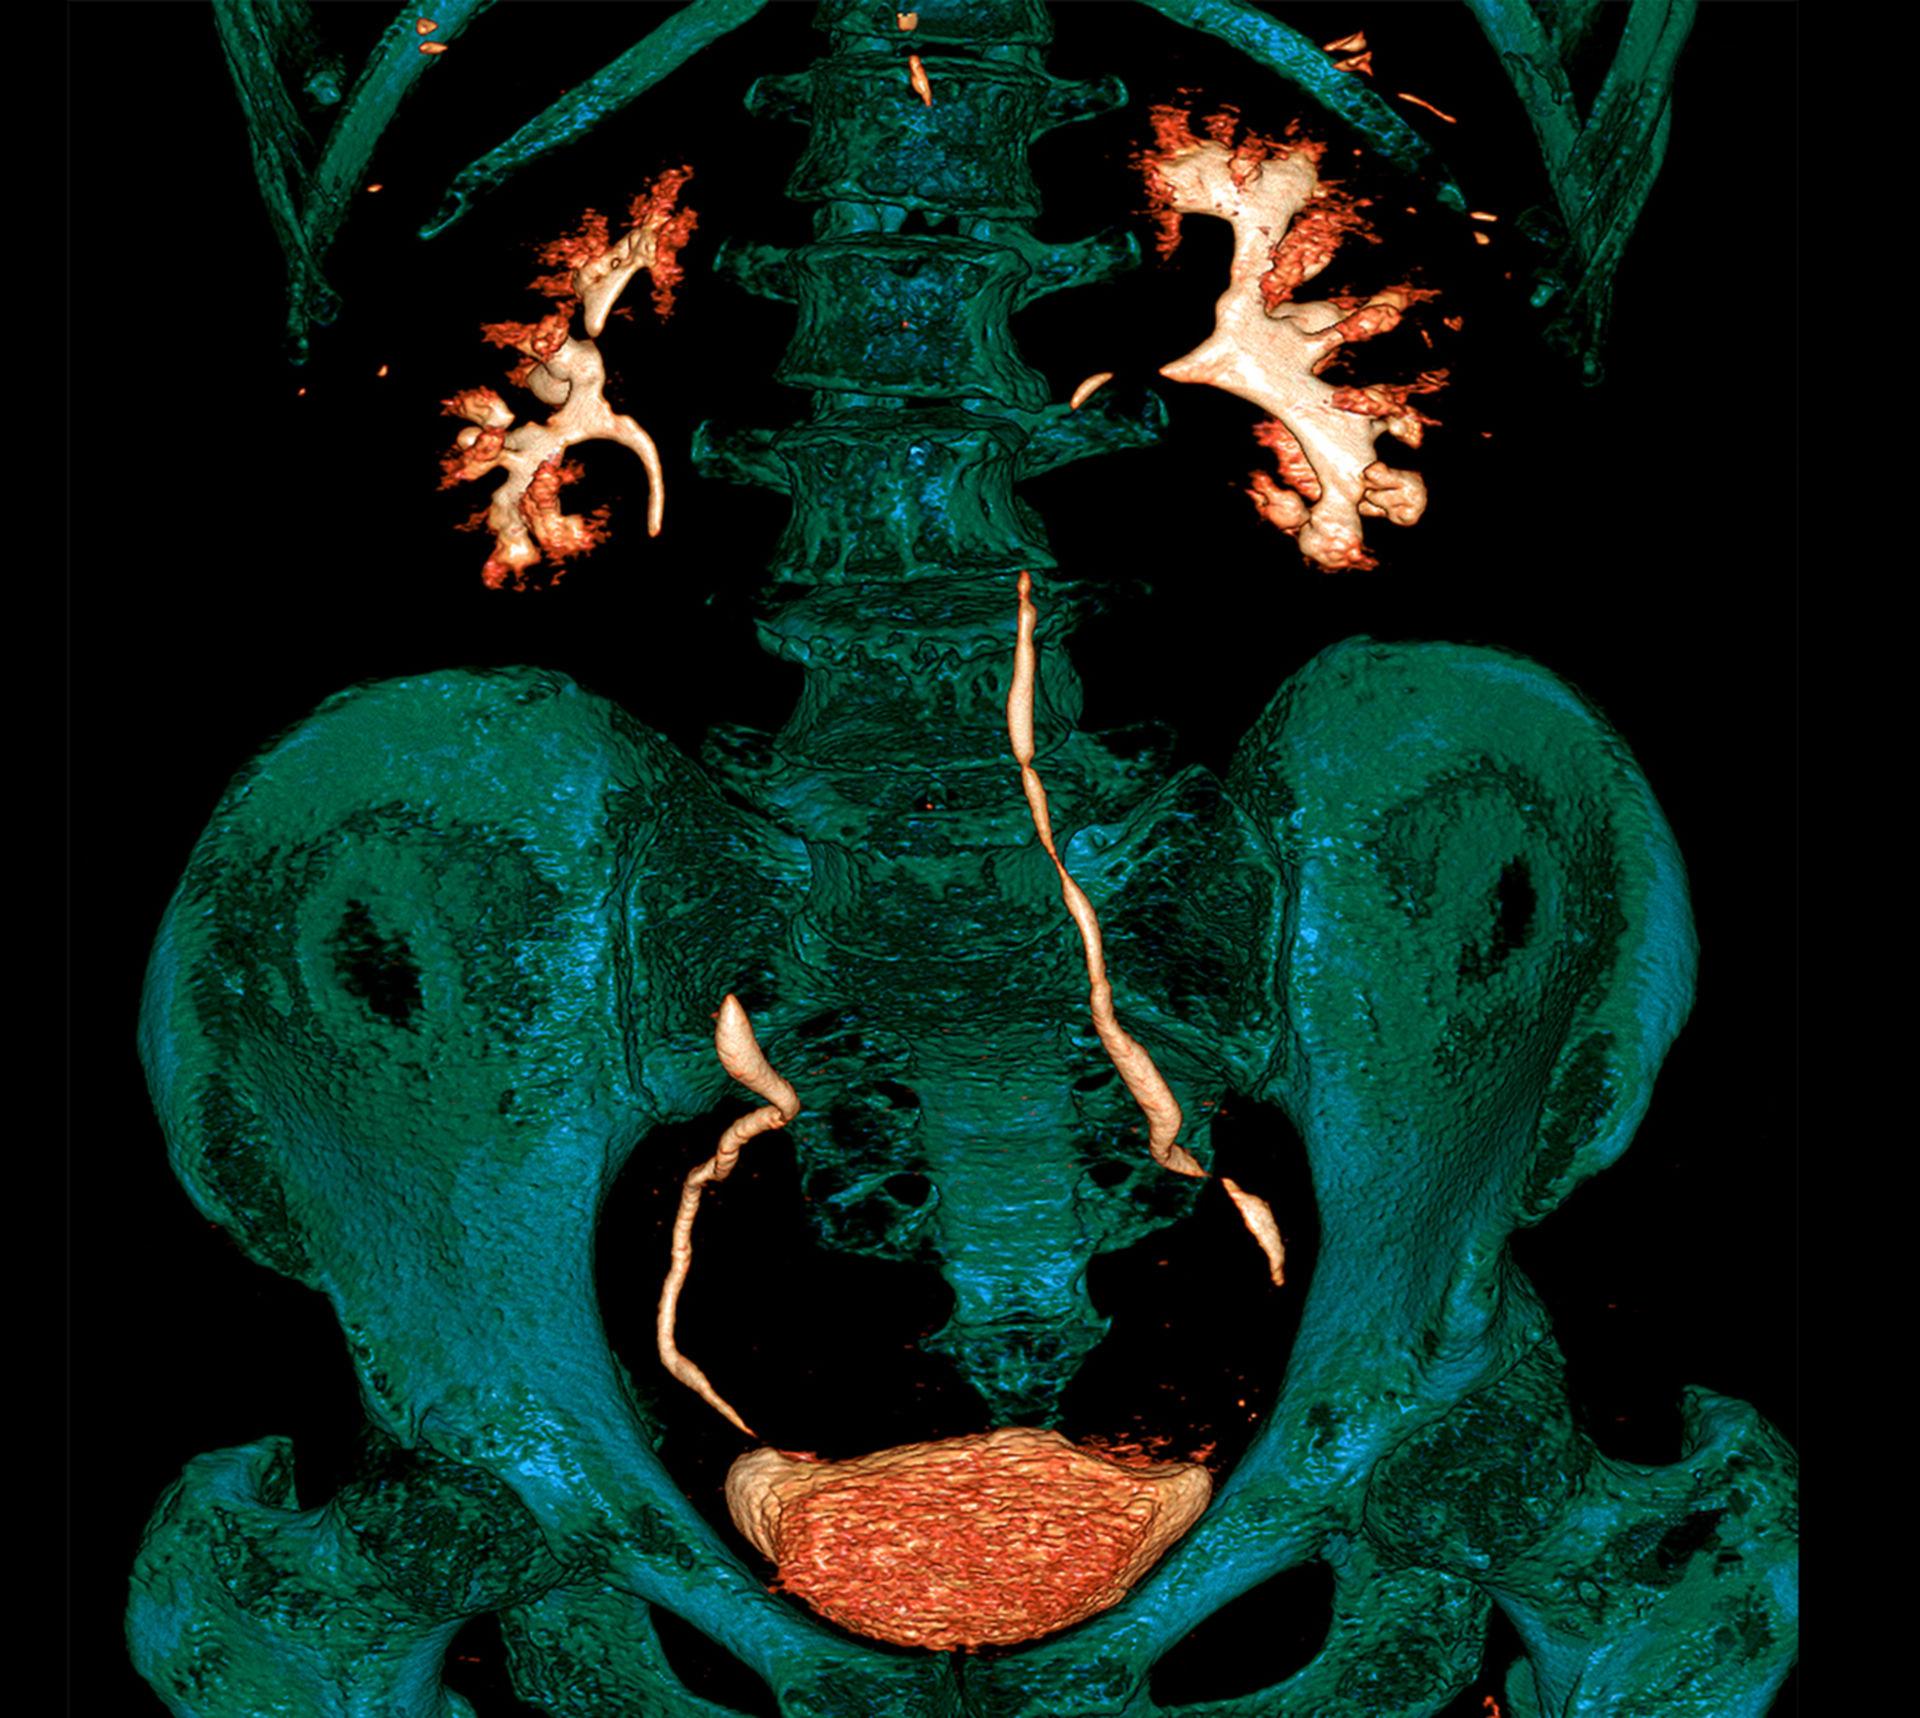 """Tercera competición de imágenes de tomografía computada - """"Right Dose image Contest"""" (categoría: examen de rutina)"""